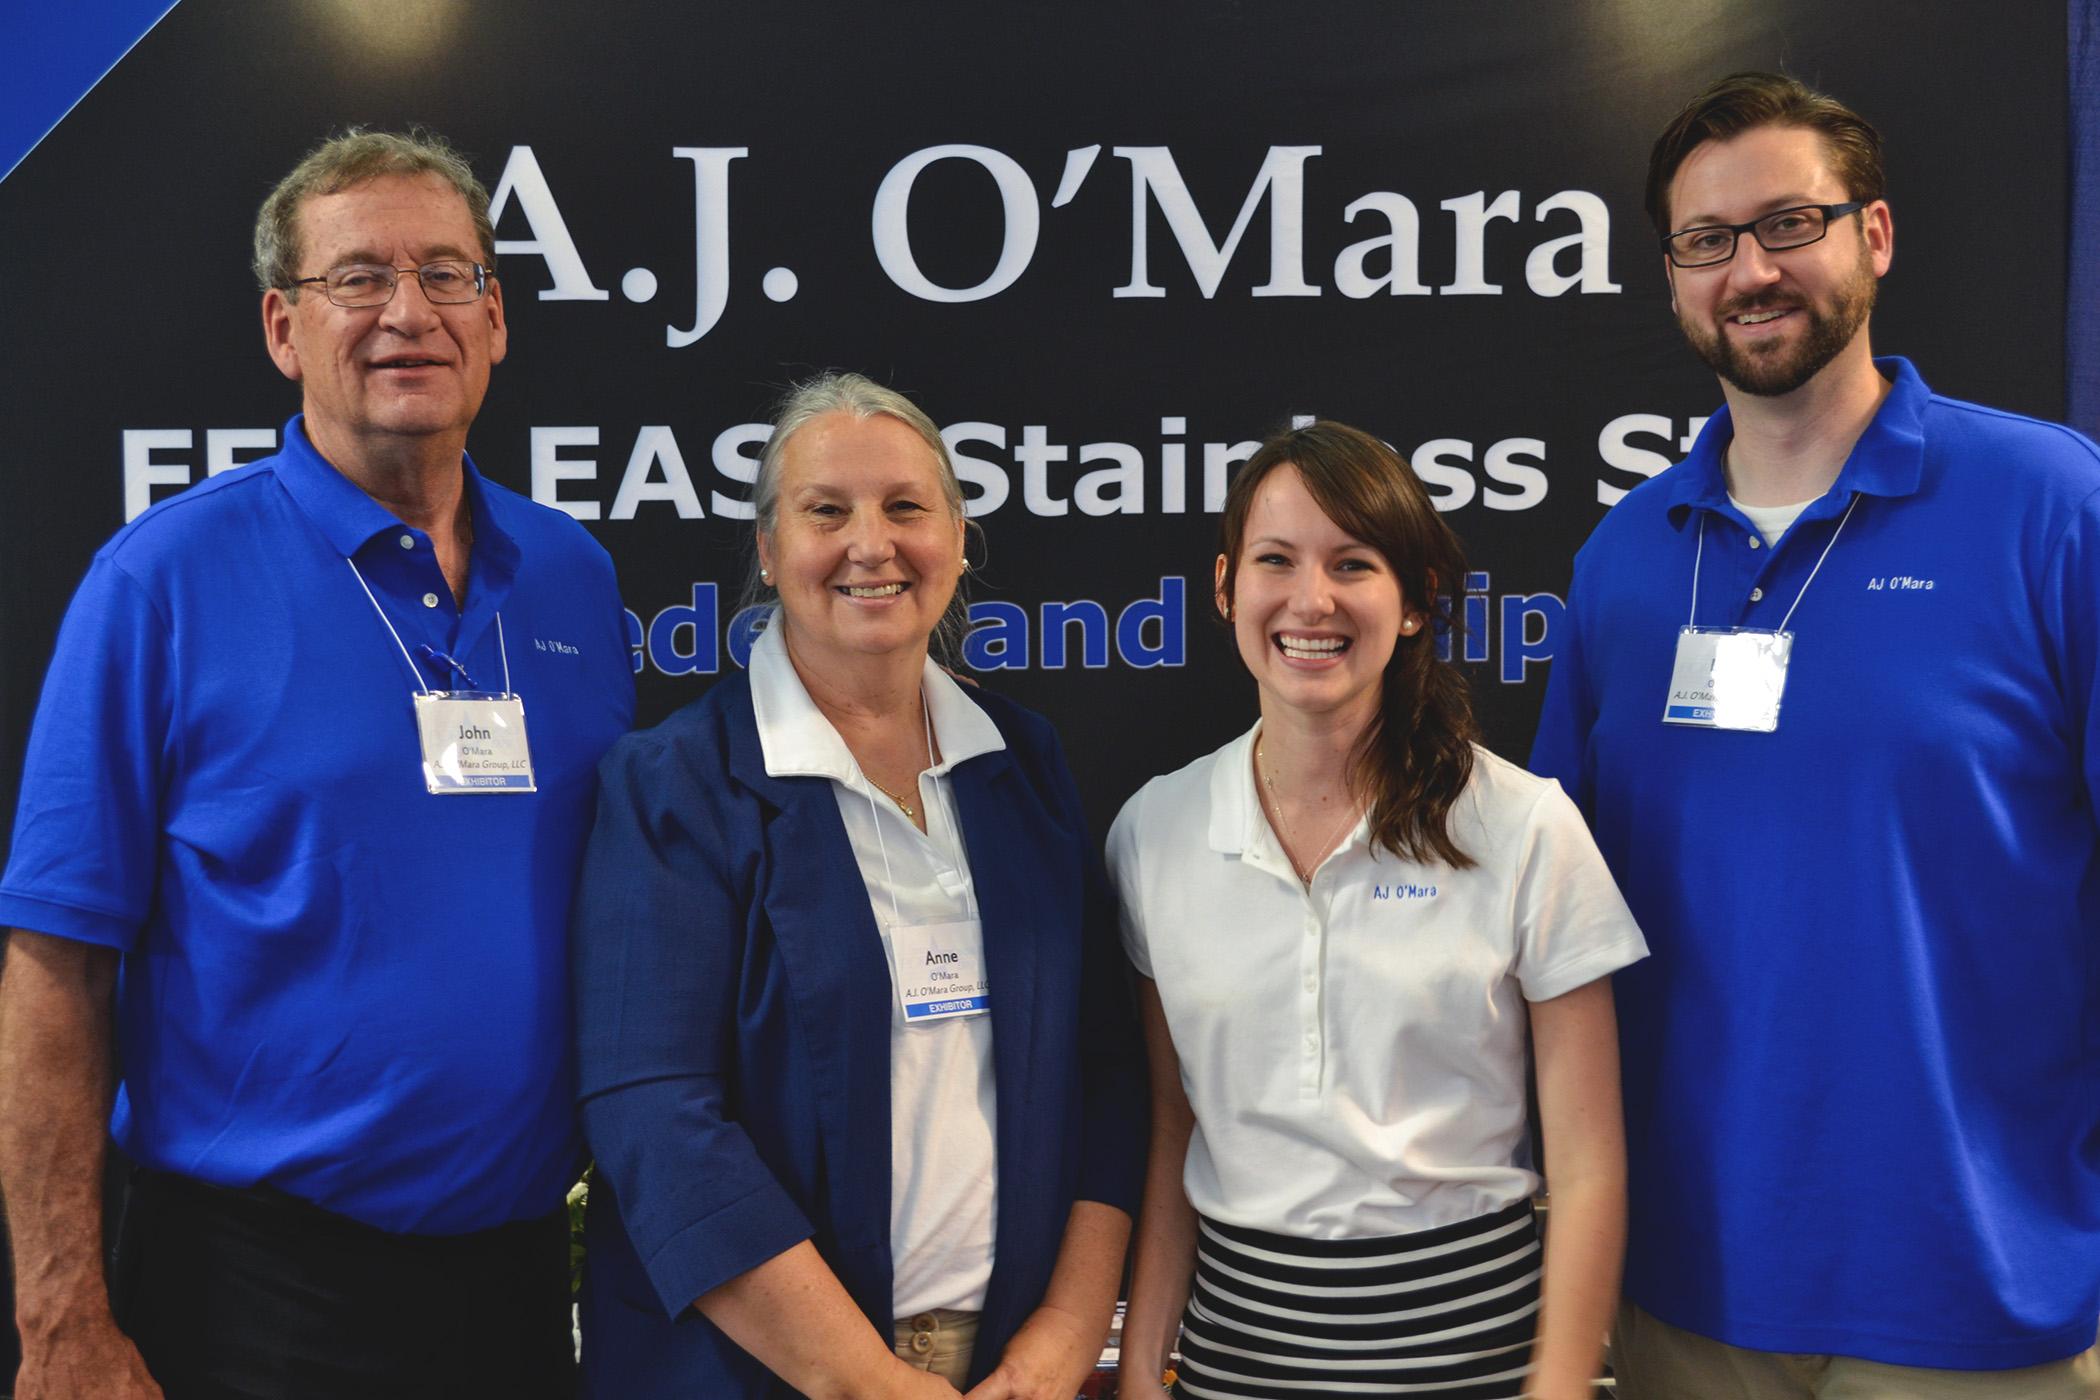 A.J. O'Mara Team